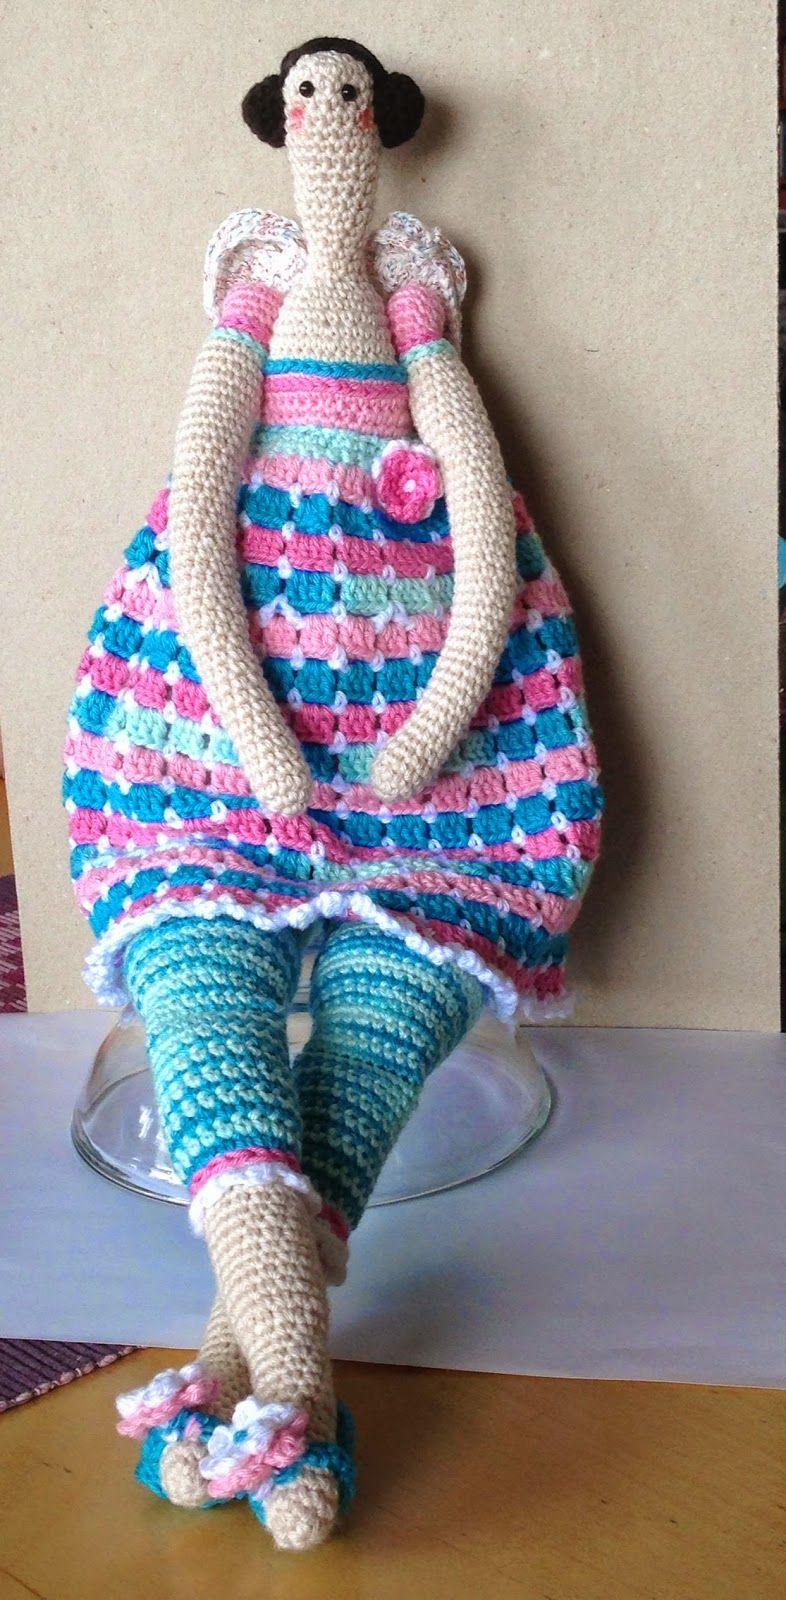 Tilda free crochet | muñecas tejidas | Pinterest | Puppen, DIY und ...